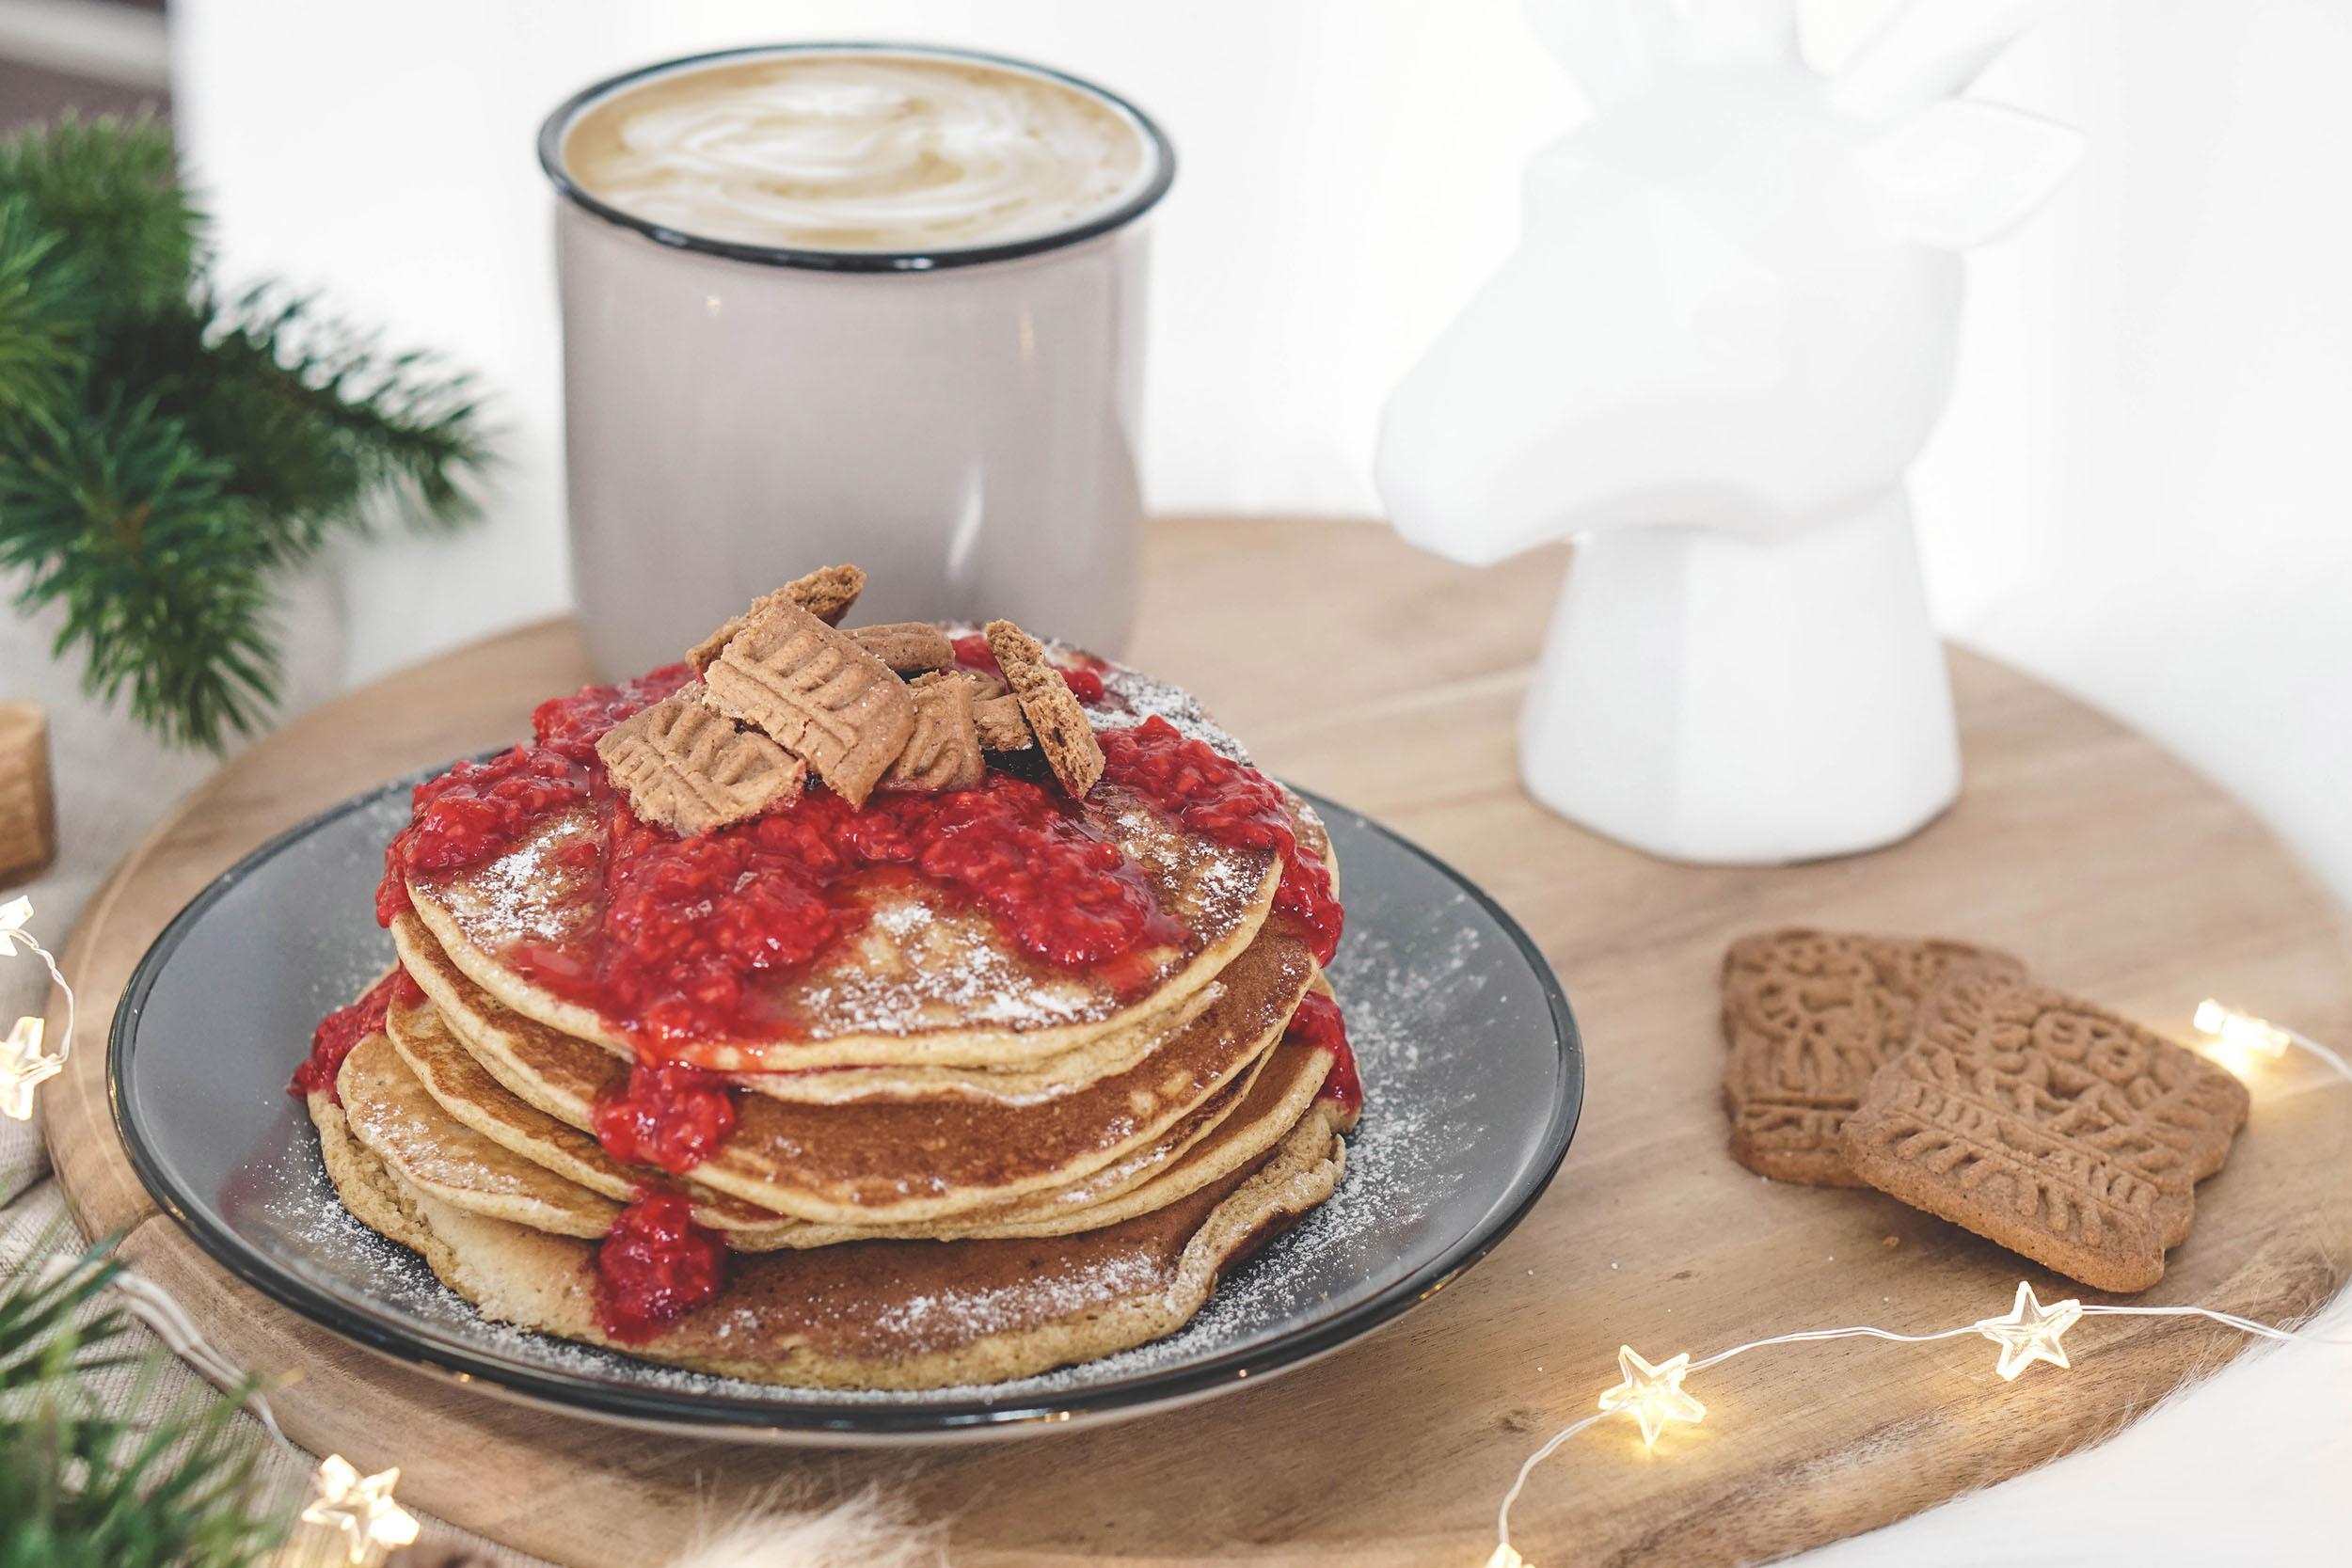 Rezept: Spekulatius Pancakes für die Weihnachtszeit | My Mirror World